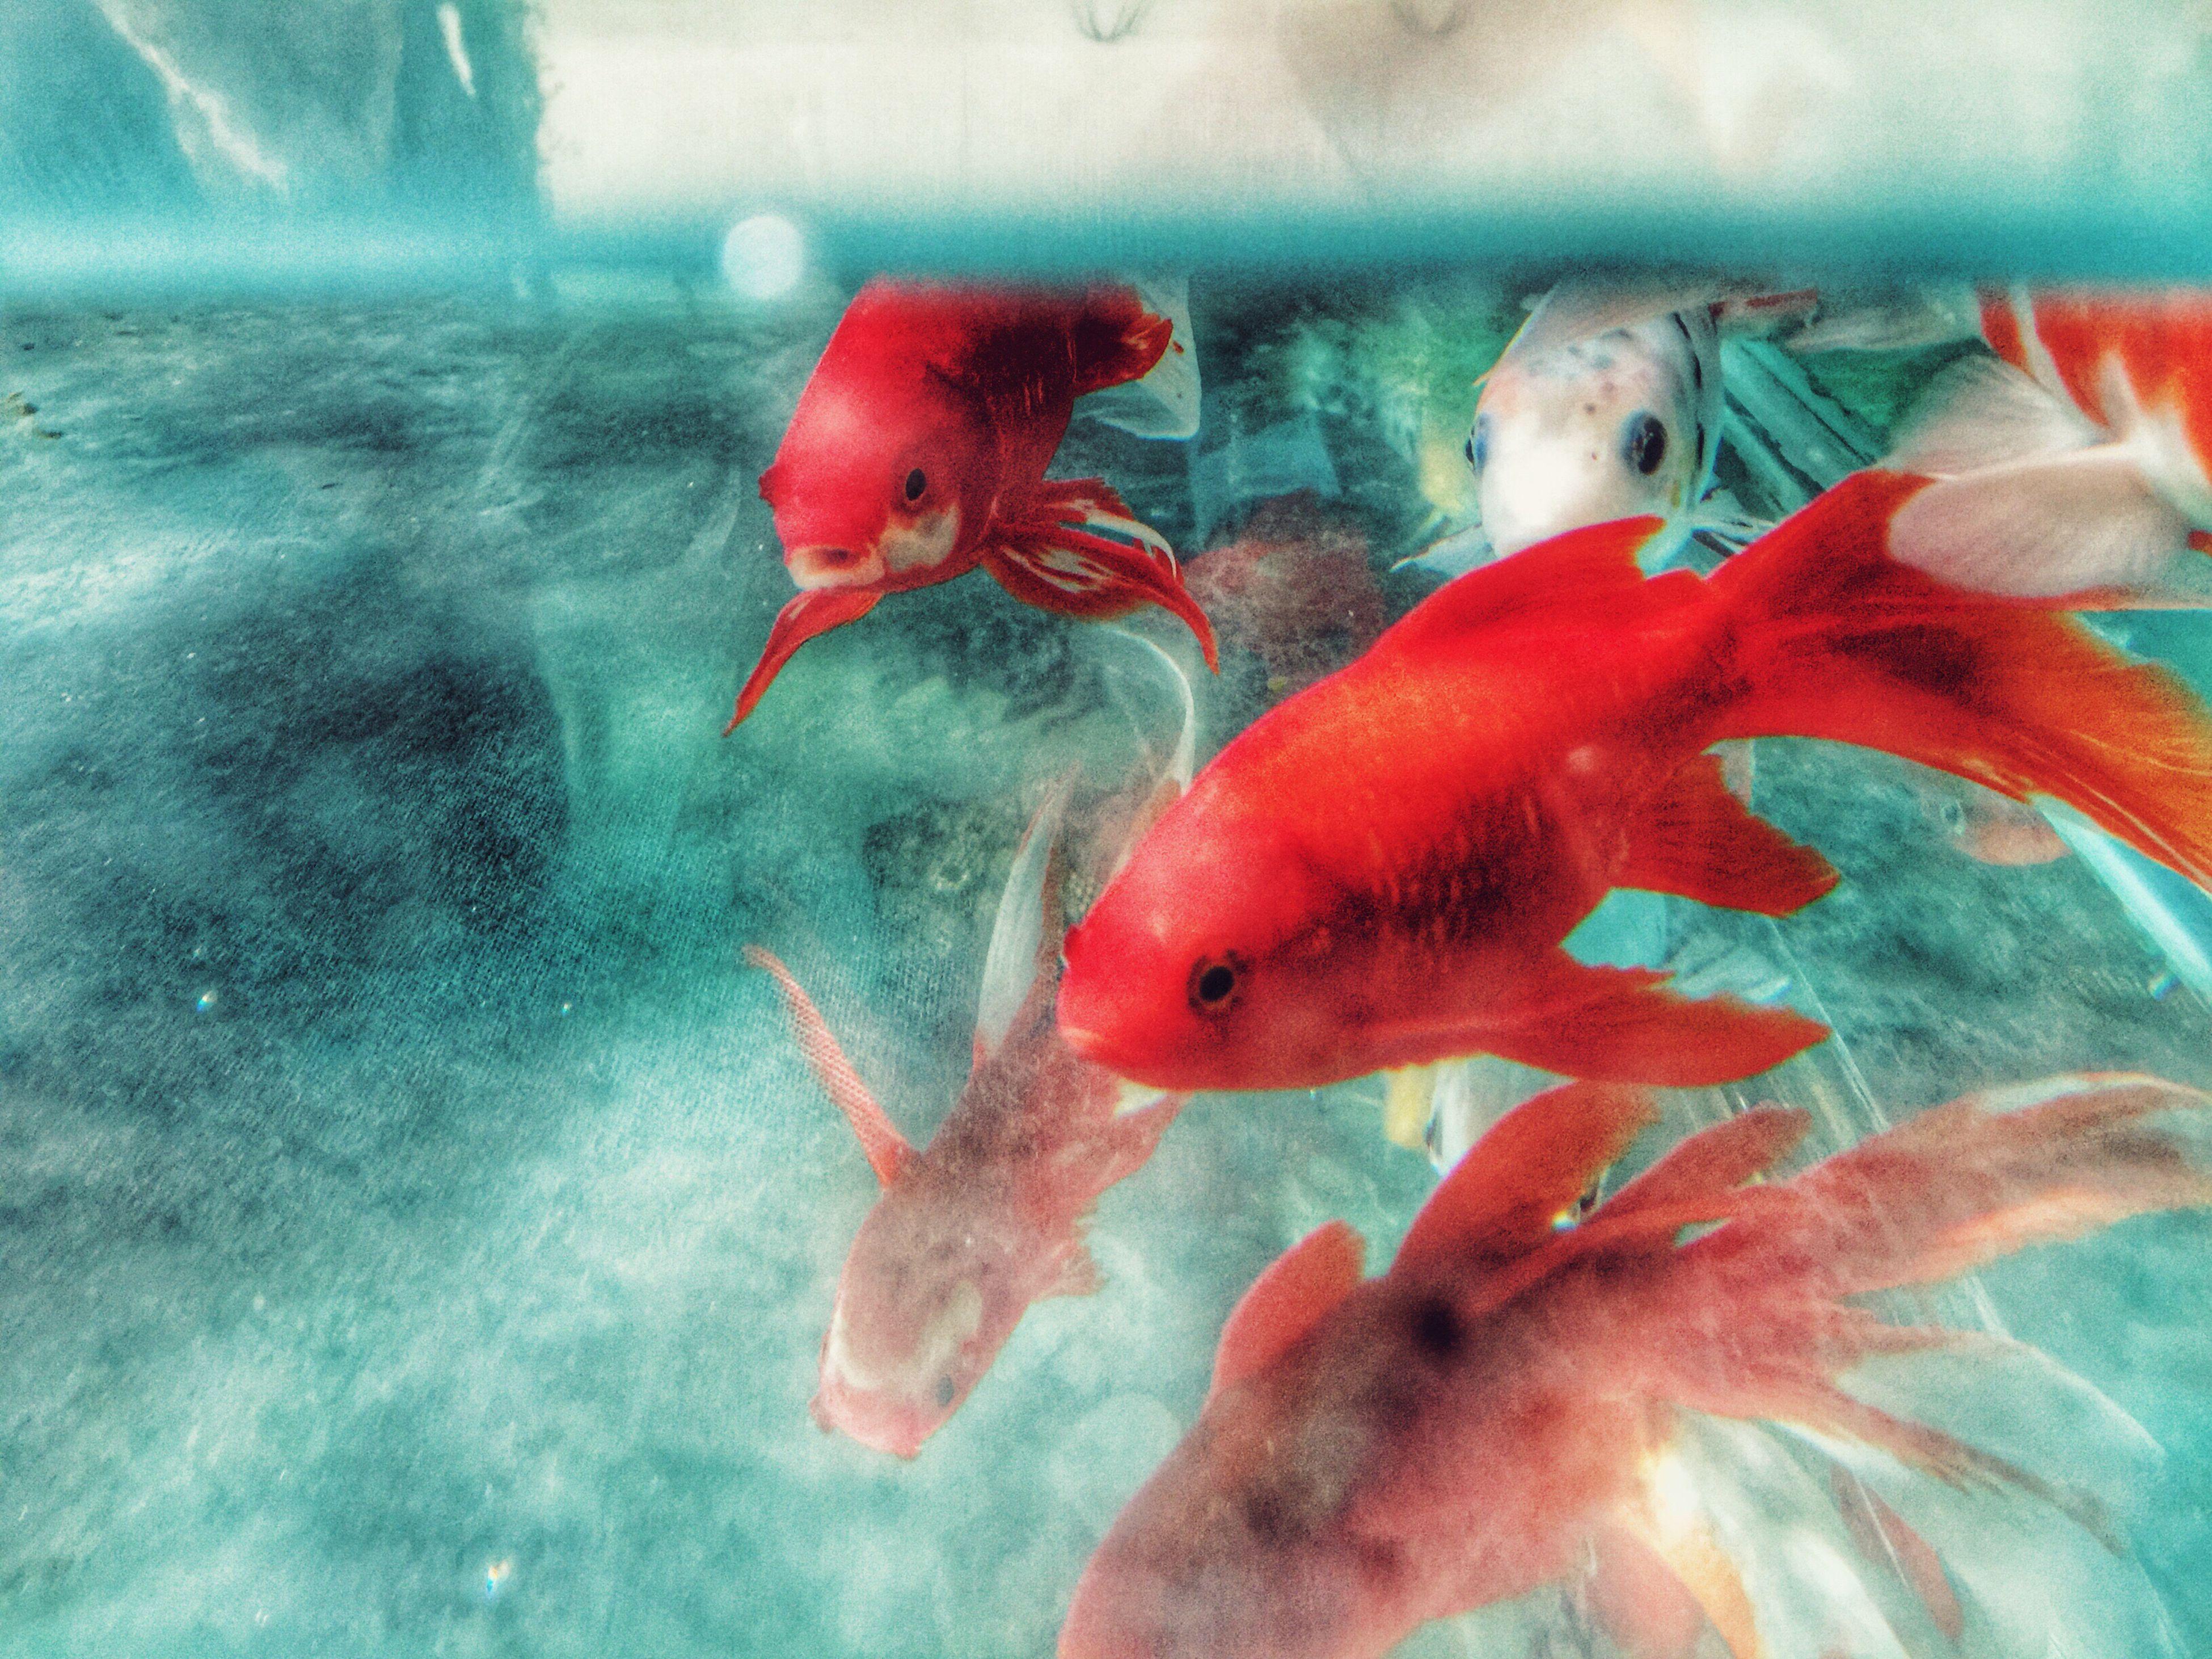 漂浮flotage Flotage Check This Out Fish Enjoying Life Streetphotography Beijing, China Parrotsofinstagram Photography Nature Photography Happyday Somethingdifferent EyeEm Nature Lover Hanging Out Animals